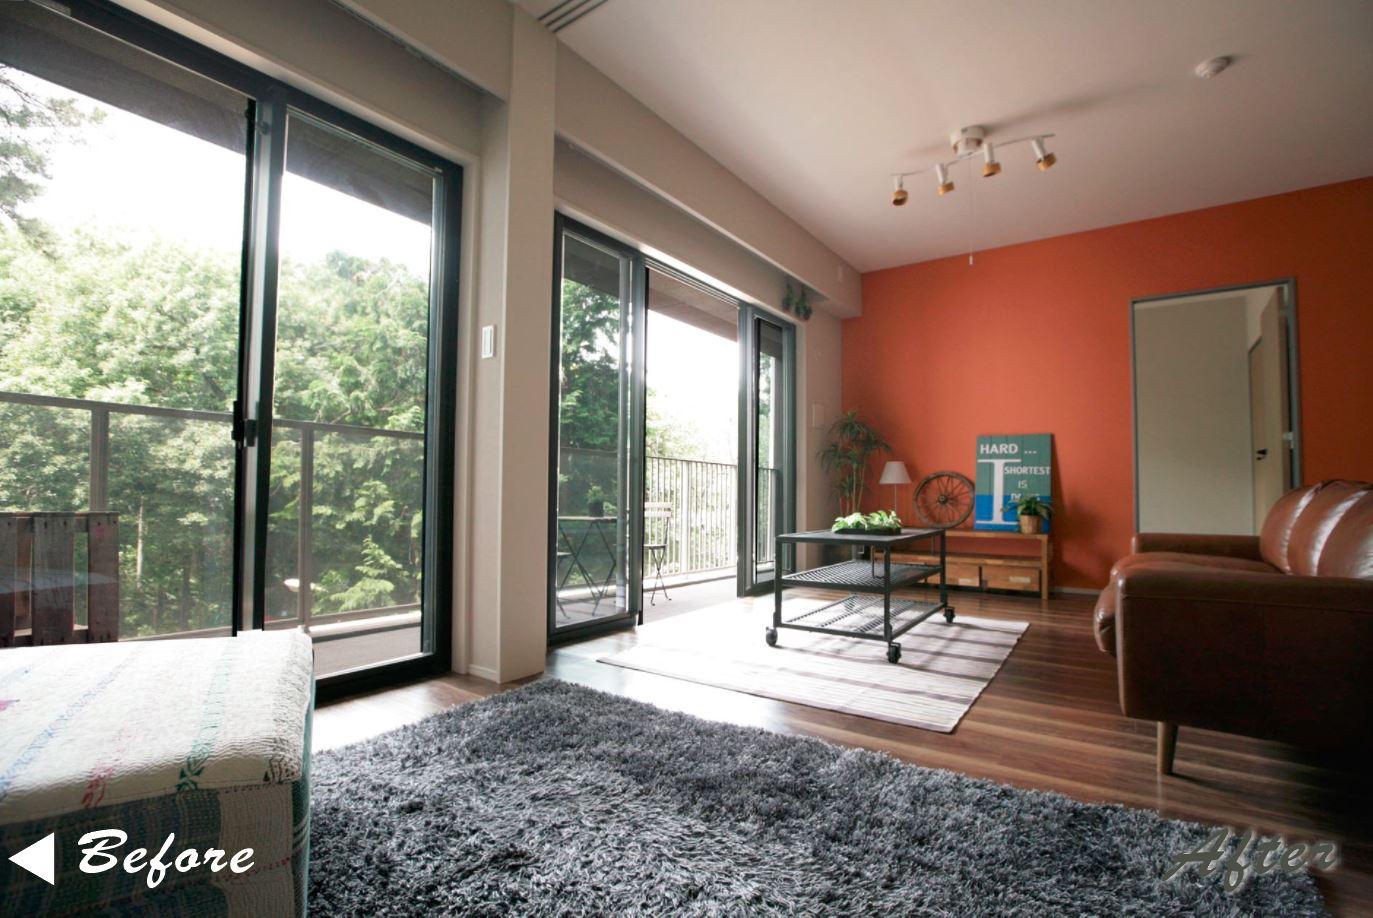 パークビューならではの心地よい緑景と通風が確保された室内 イメージ